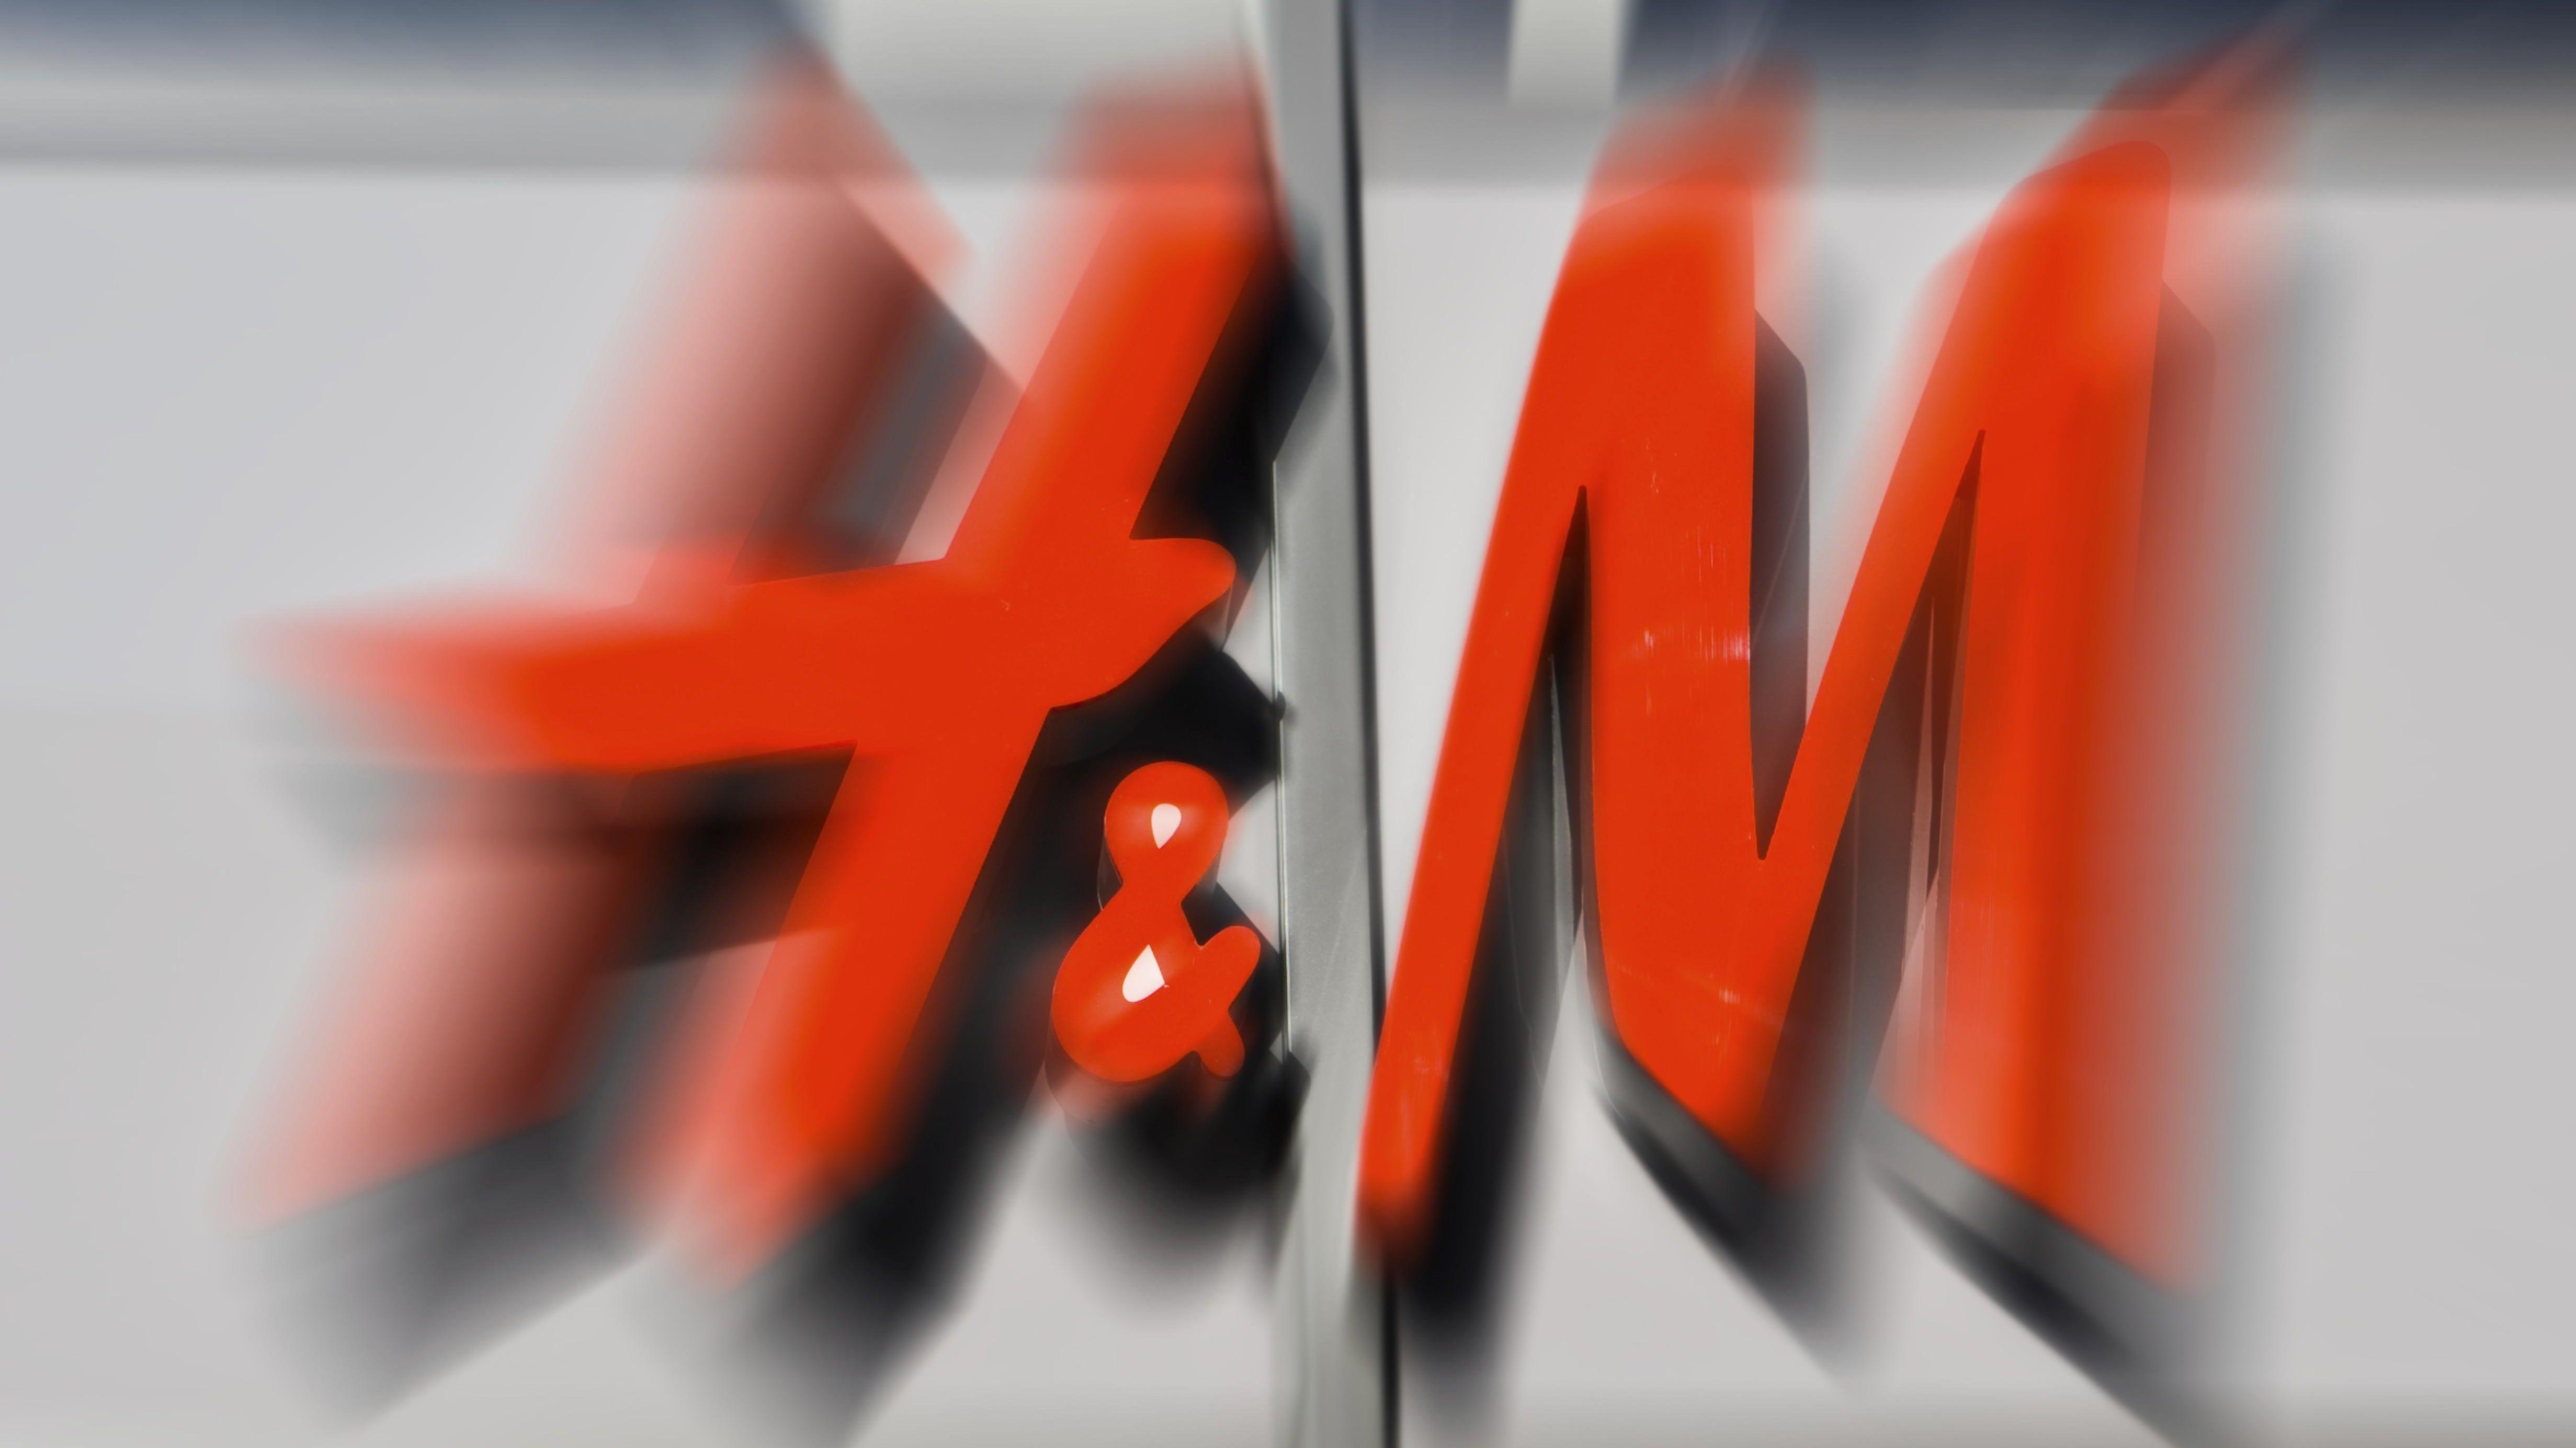 Der Hamburgische Datenschutzbeauftragte hat nach einem gravierenden Datenvorfall nun ein Bußgeldverfahren gegen H&M eingeleitet.